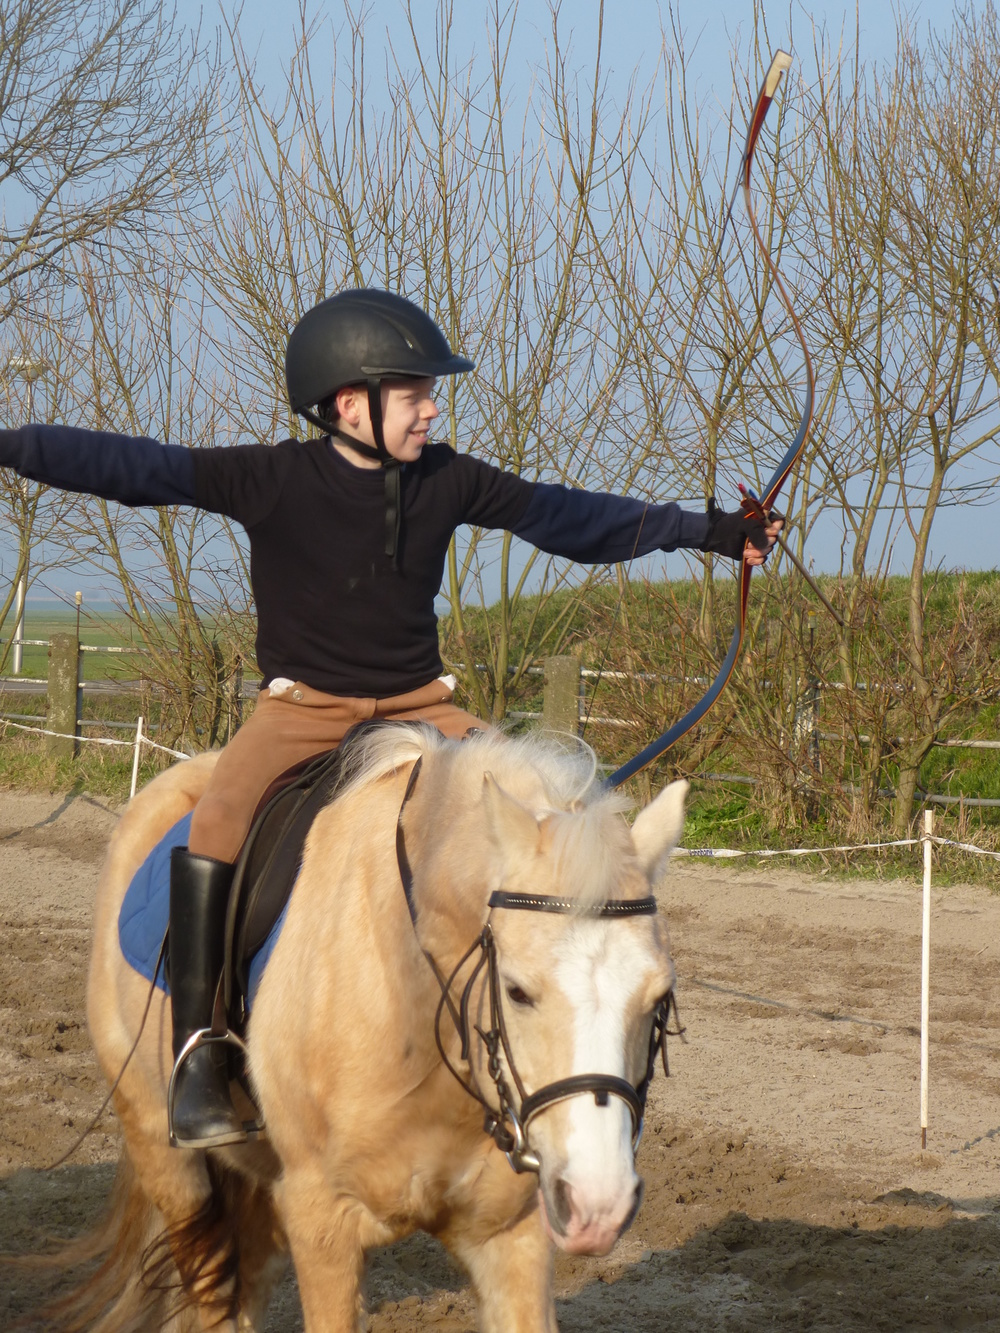 Kevin op Biyou tijdens een training van de Horsebackarchers of Holland in Rijpwetering.